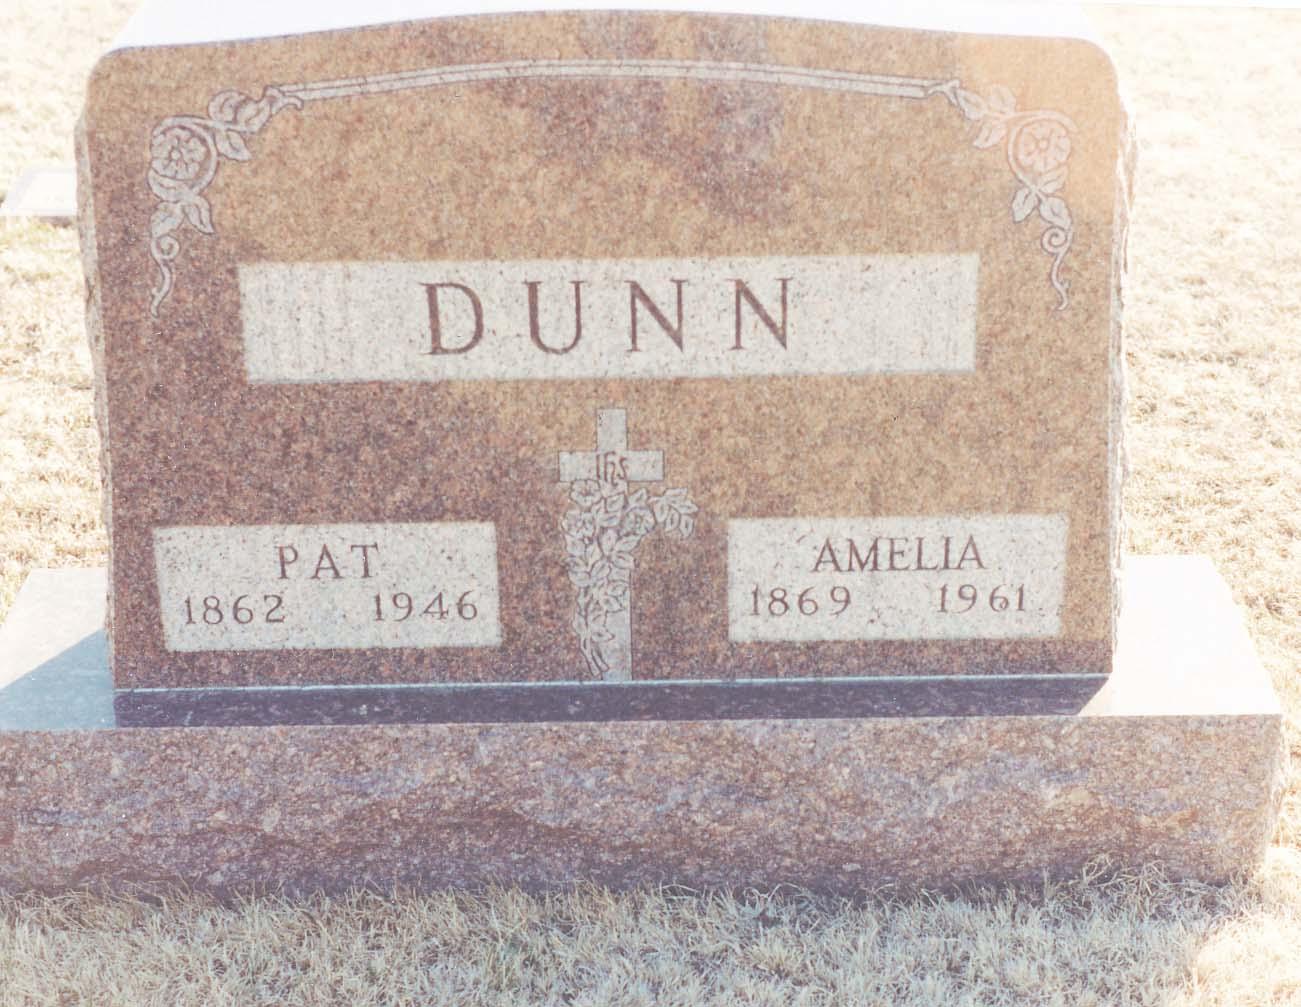 Kansas reno county turon - Dunn